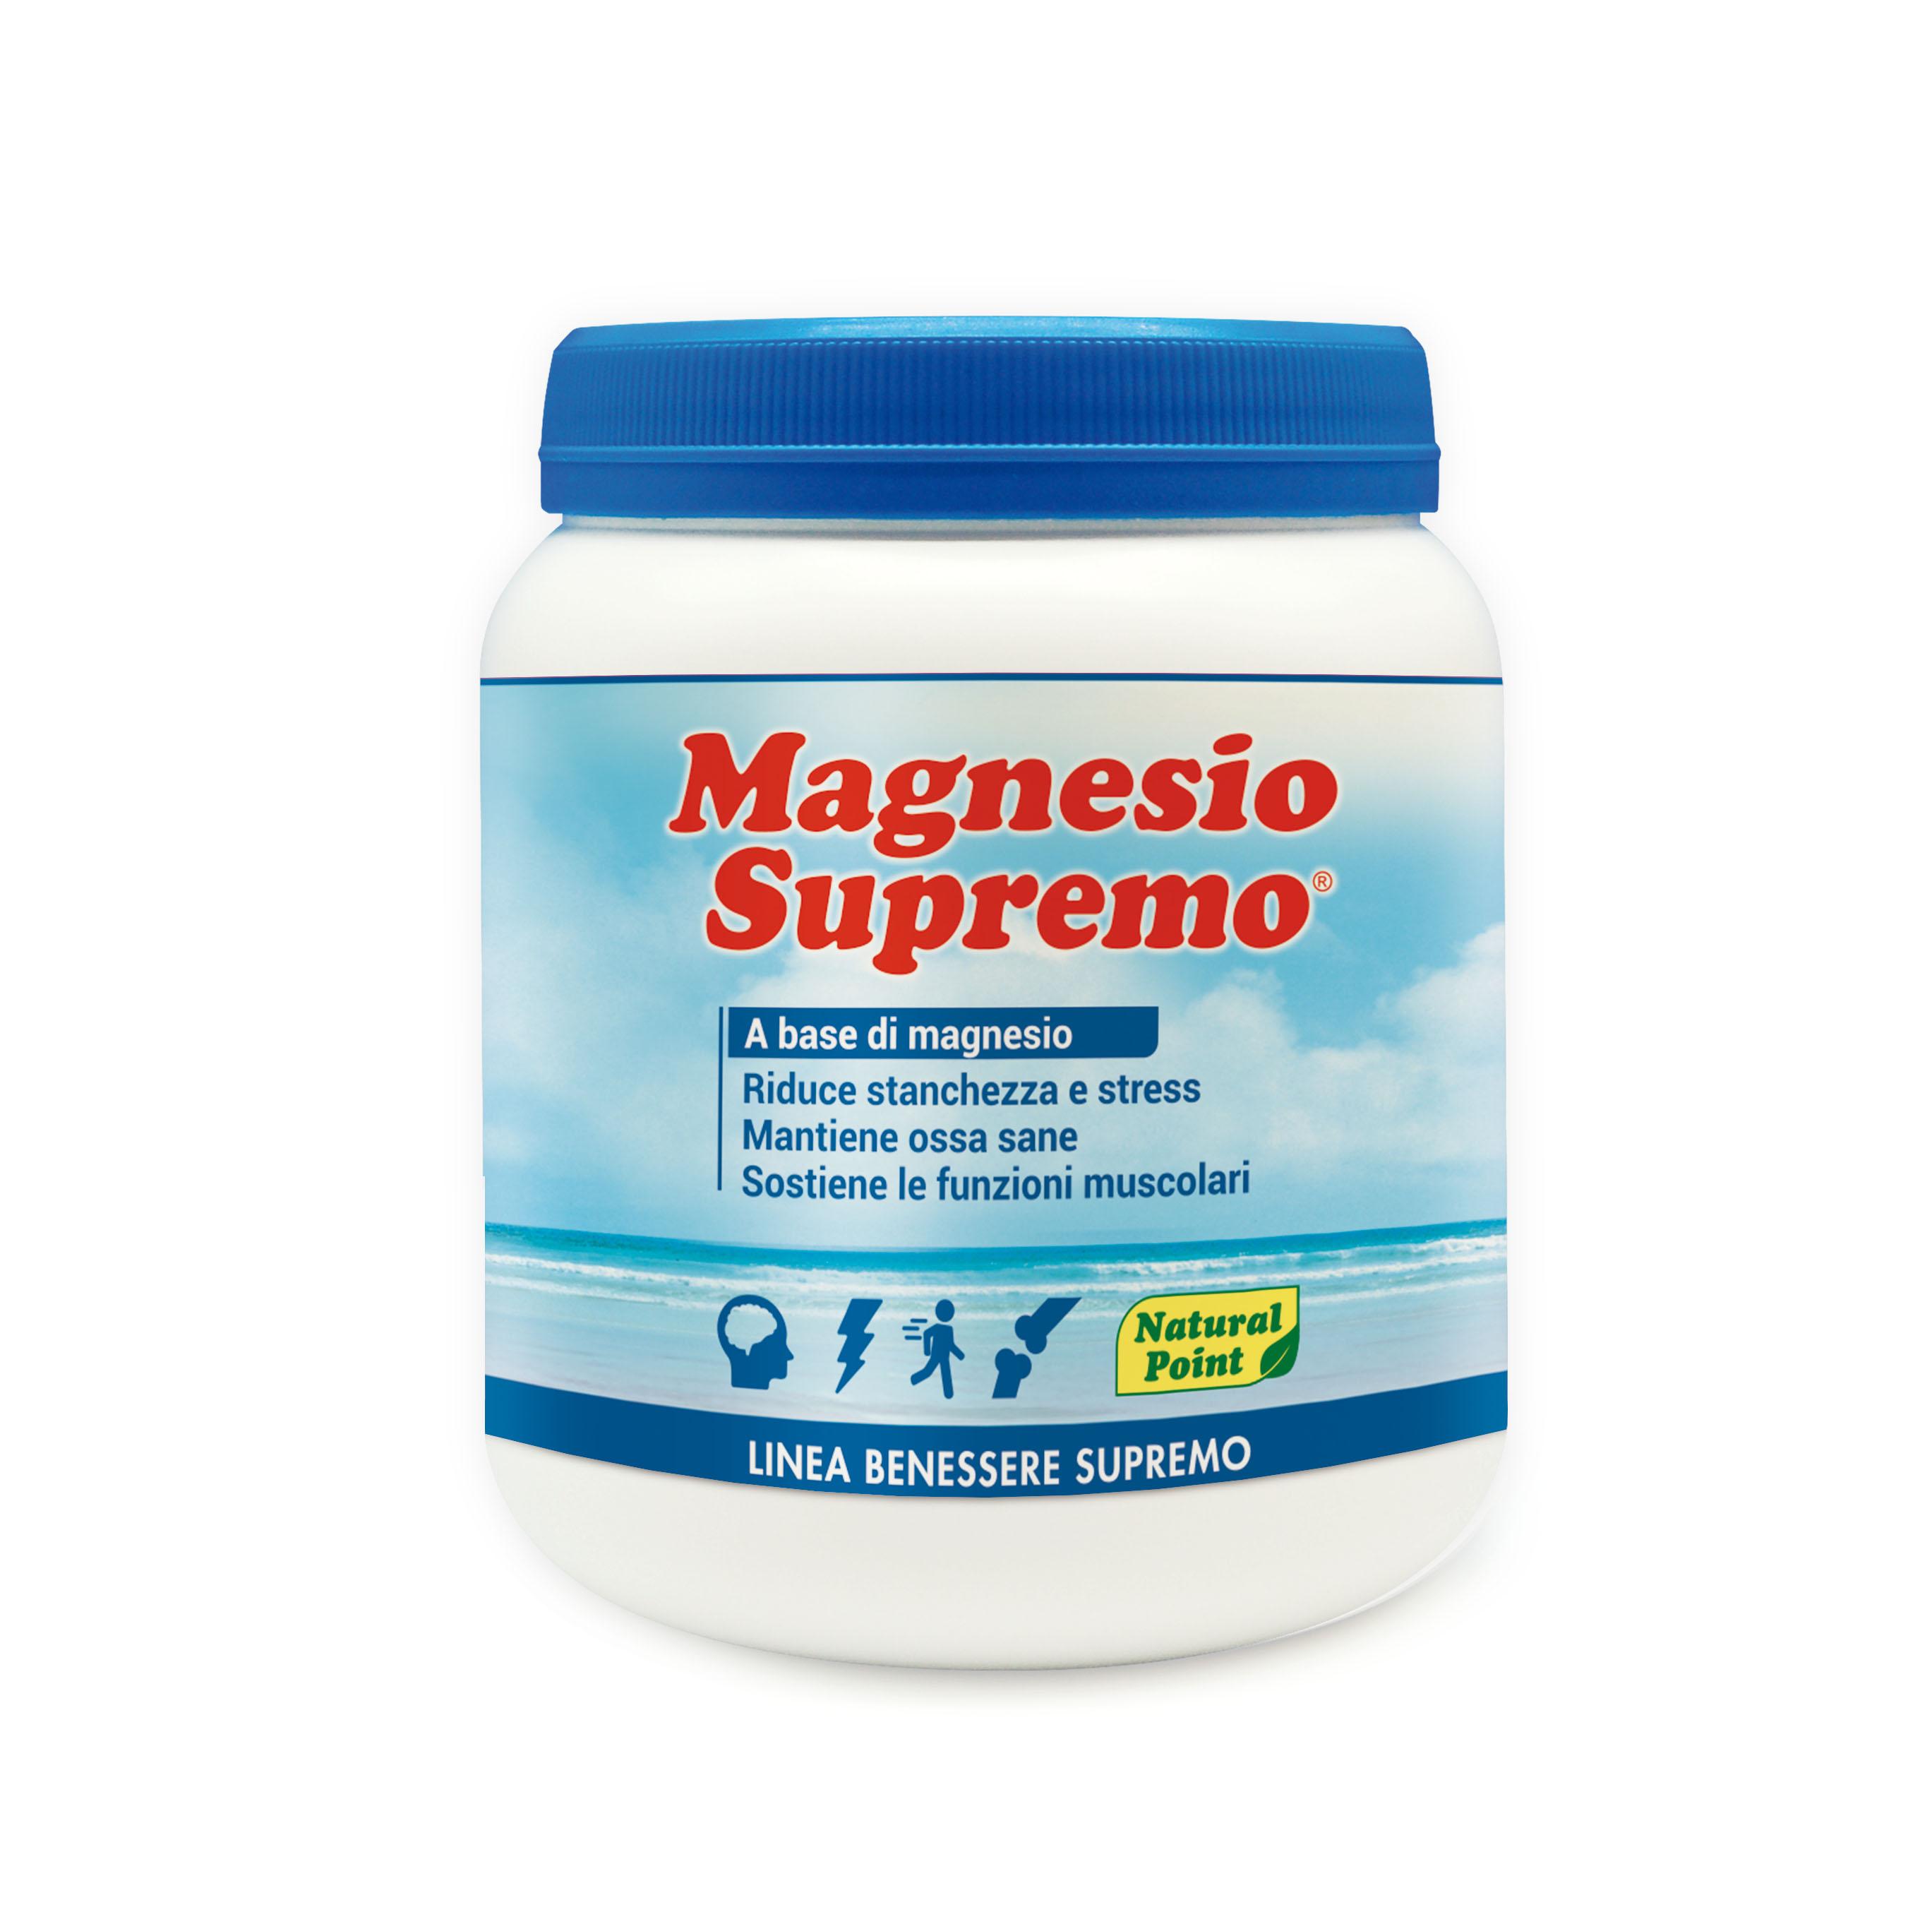 Magnesio Supremo Linea Benessere Supremo Natural Point 300g